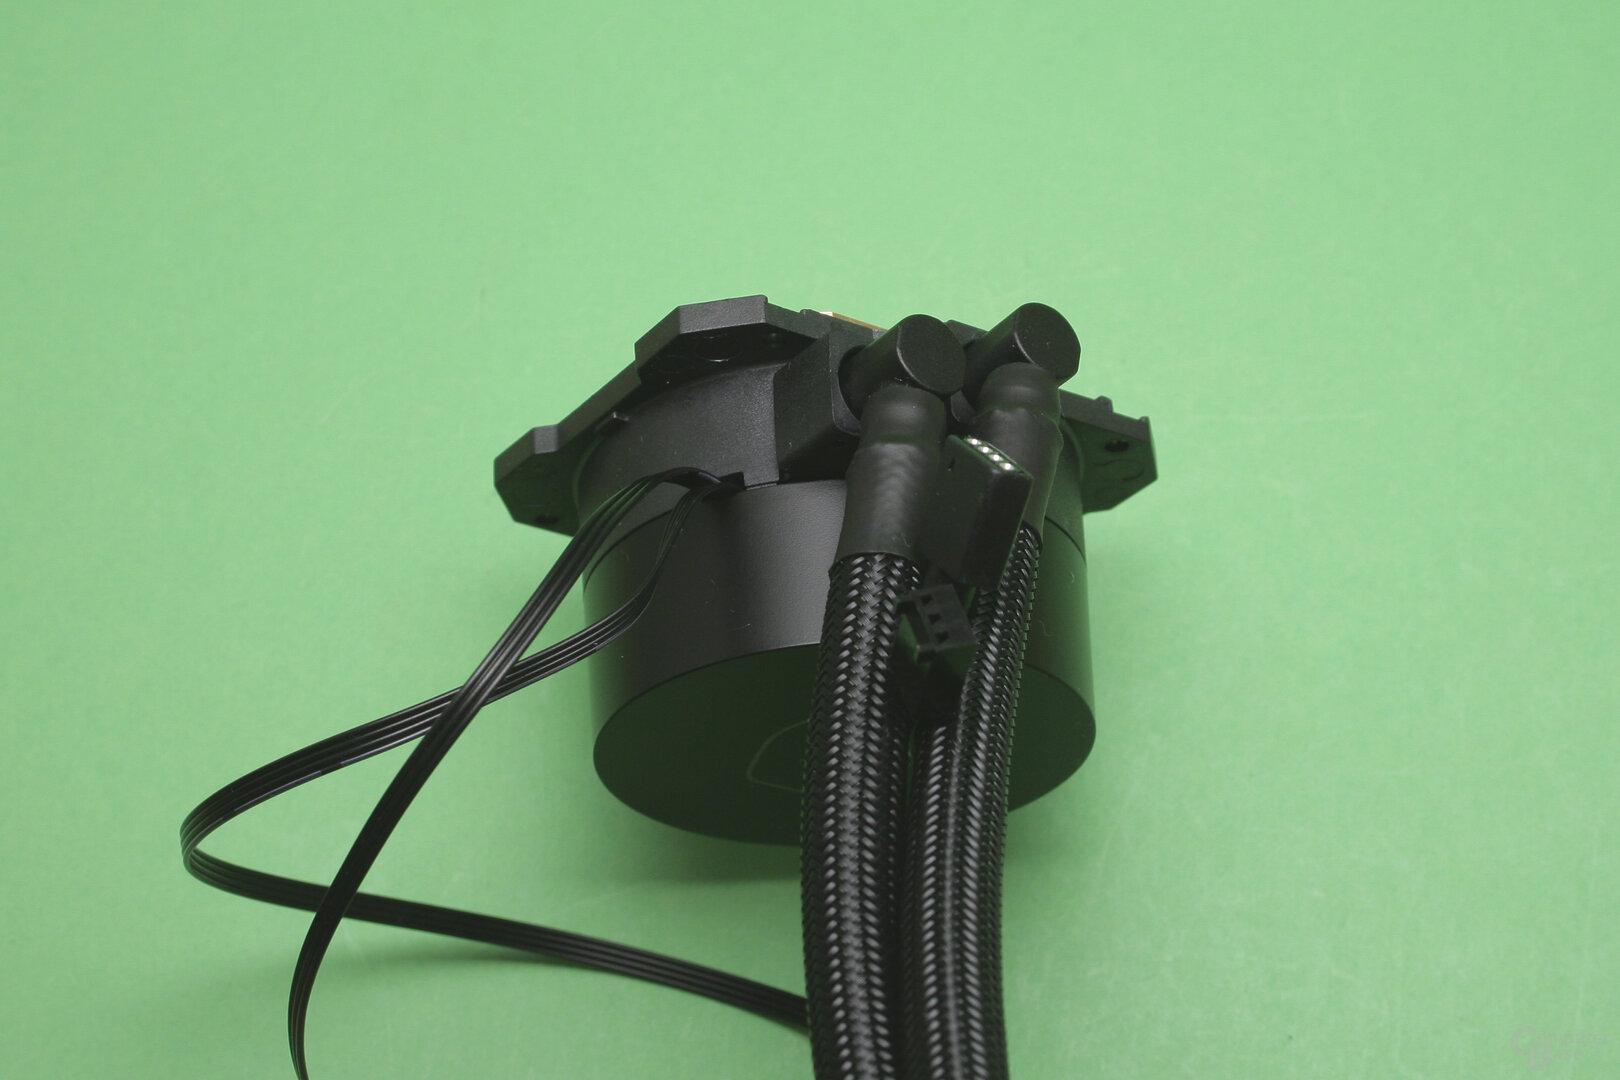 Cooler Master MasterLiquid ML240L V2 RGB: Die Pumpe von der Seite